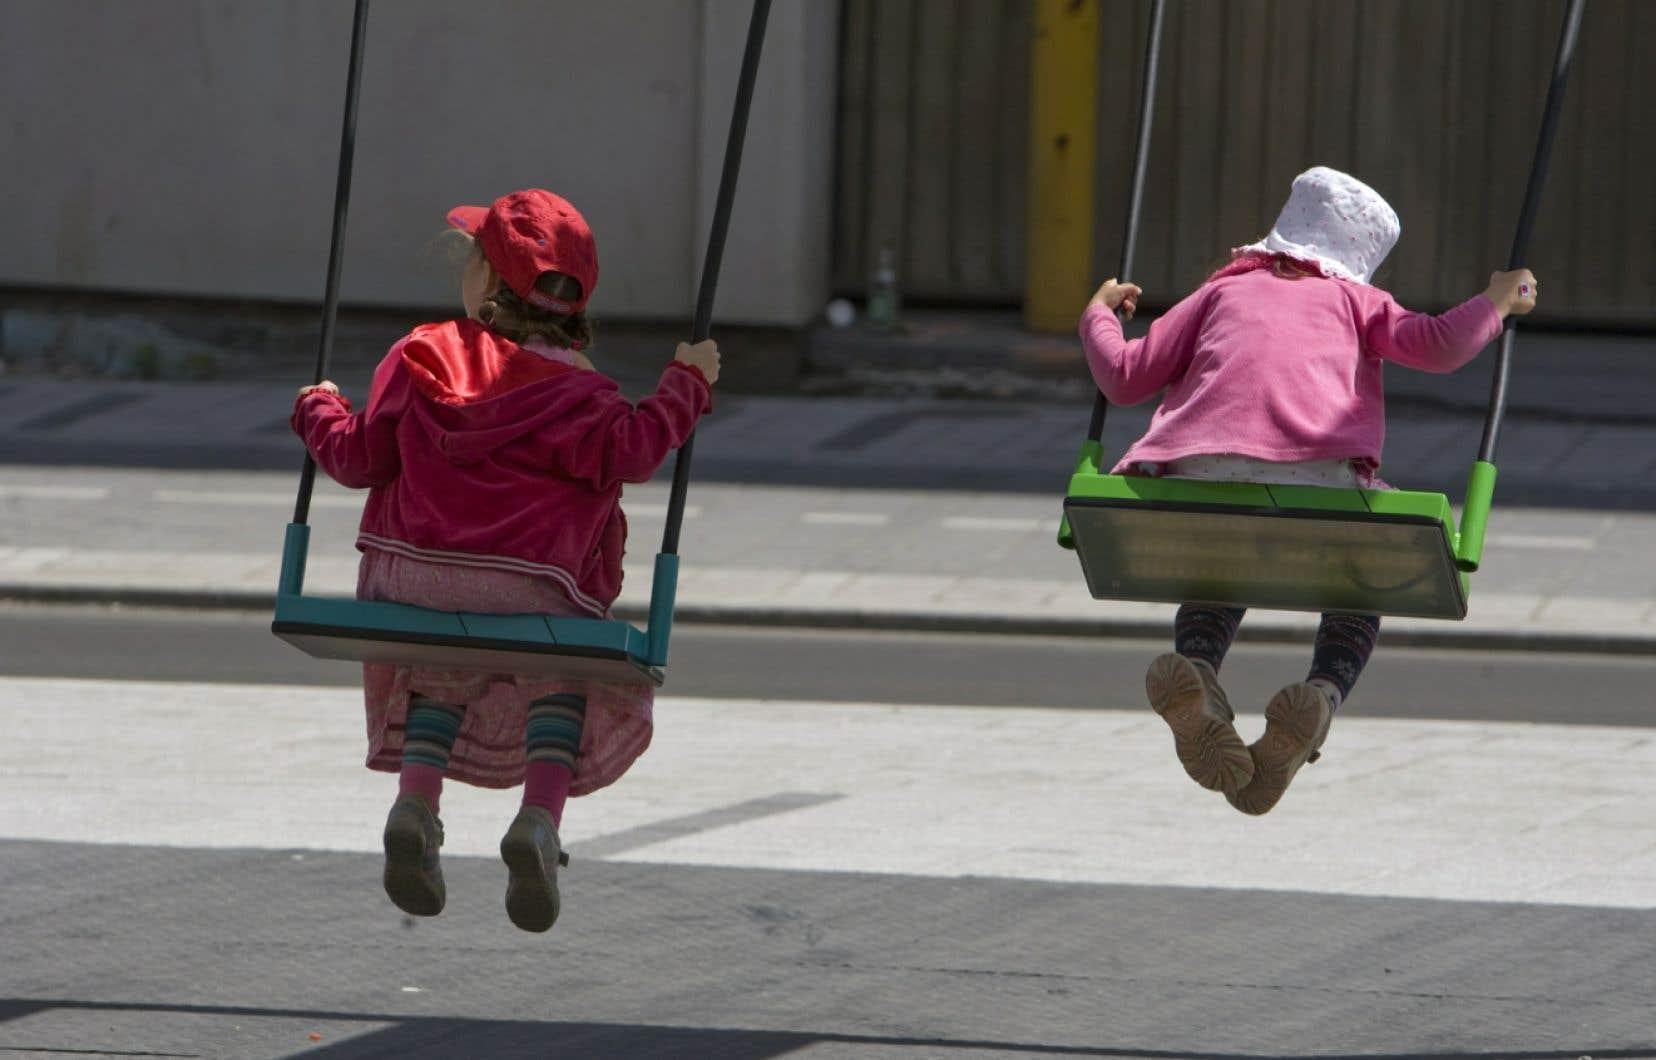 La Belgique, deviendra le deuxième pays, après les Pays-Bas, à l'autoriser pour les mineurs. Mais, à la différence de la loi néerlandaise, qui prévoit que l'enfant doive avoir au moins 12 ans, le législateur belge n'a pas fixé d'âge minimum.